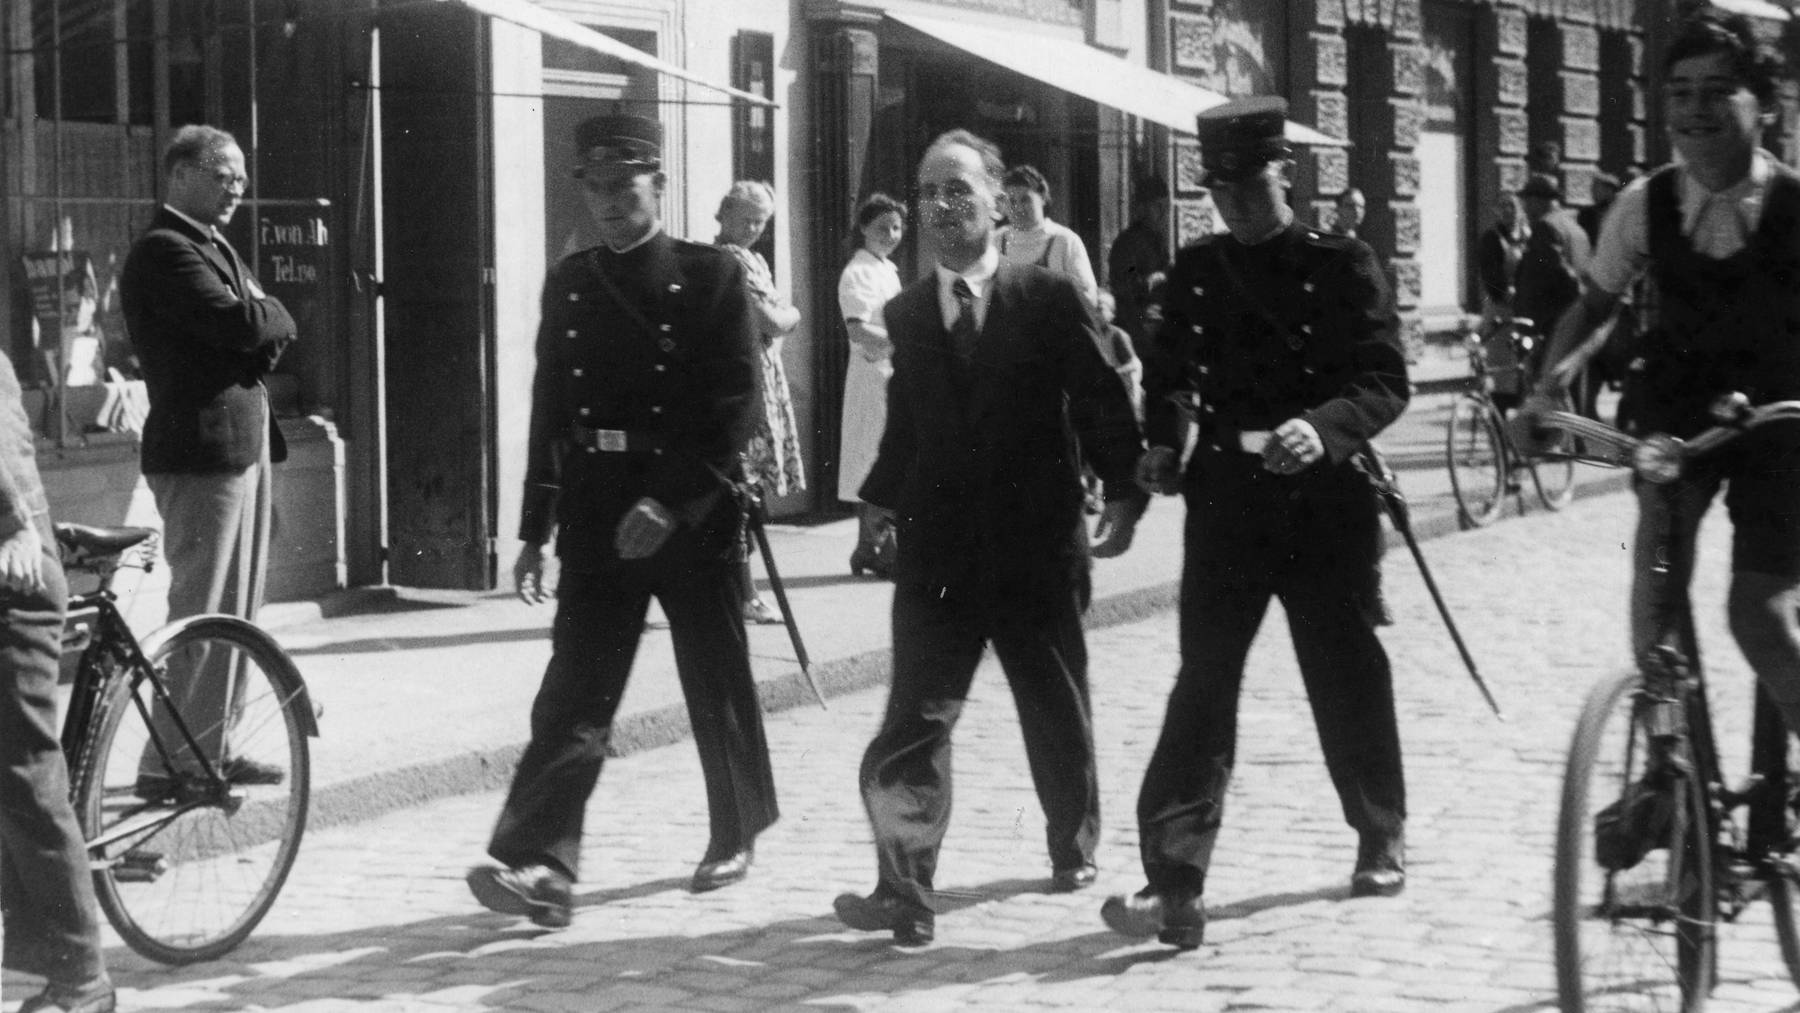 Hans Vollenweider auf dem Weg zum Gericht in Sarnen, wo er später zum Tod verurteilt wird.